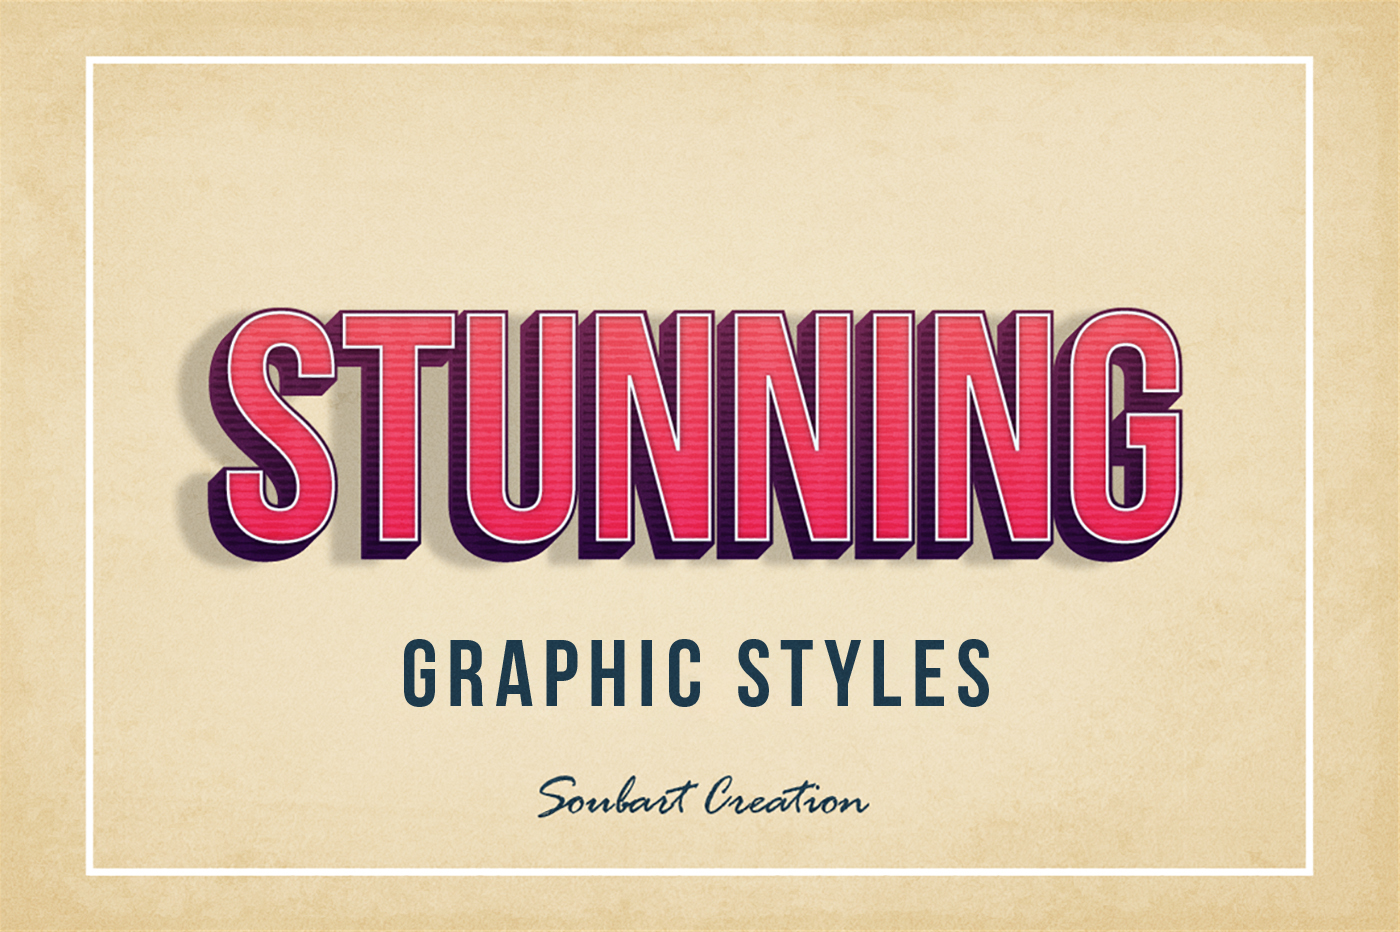 21 Vintage Retro Graphic Styles Download On Behance # Muebles Deutsch